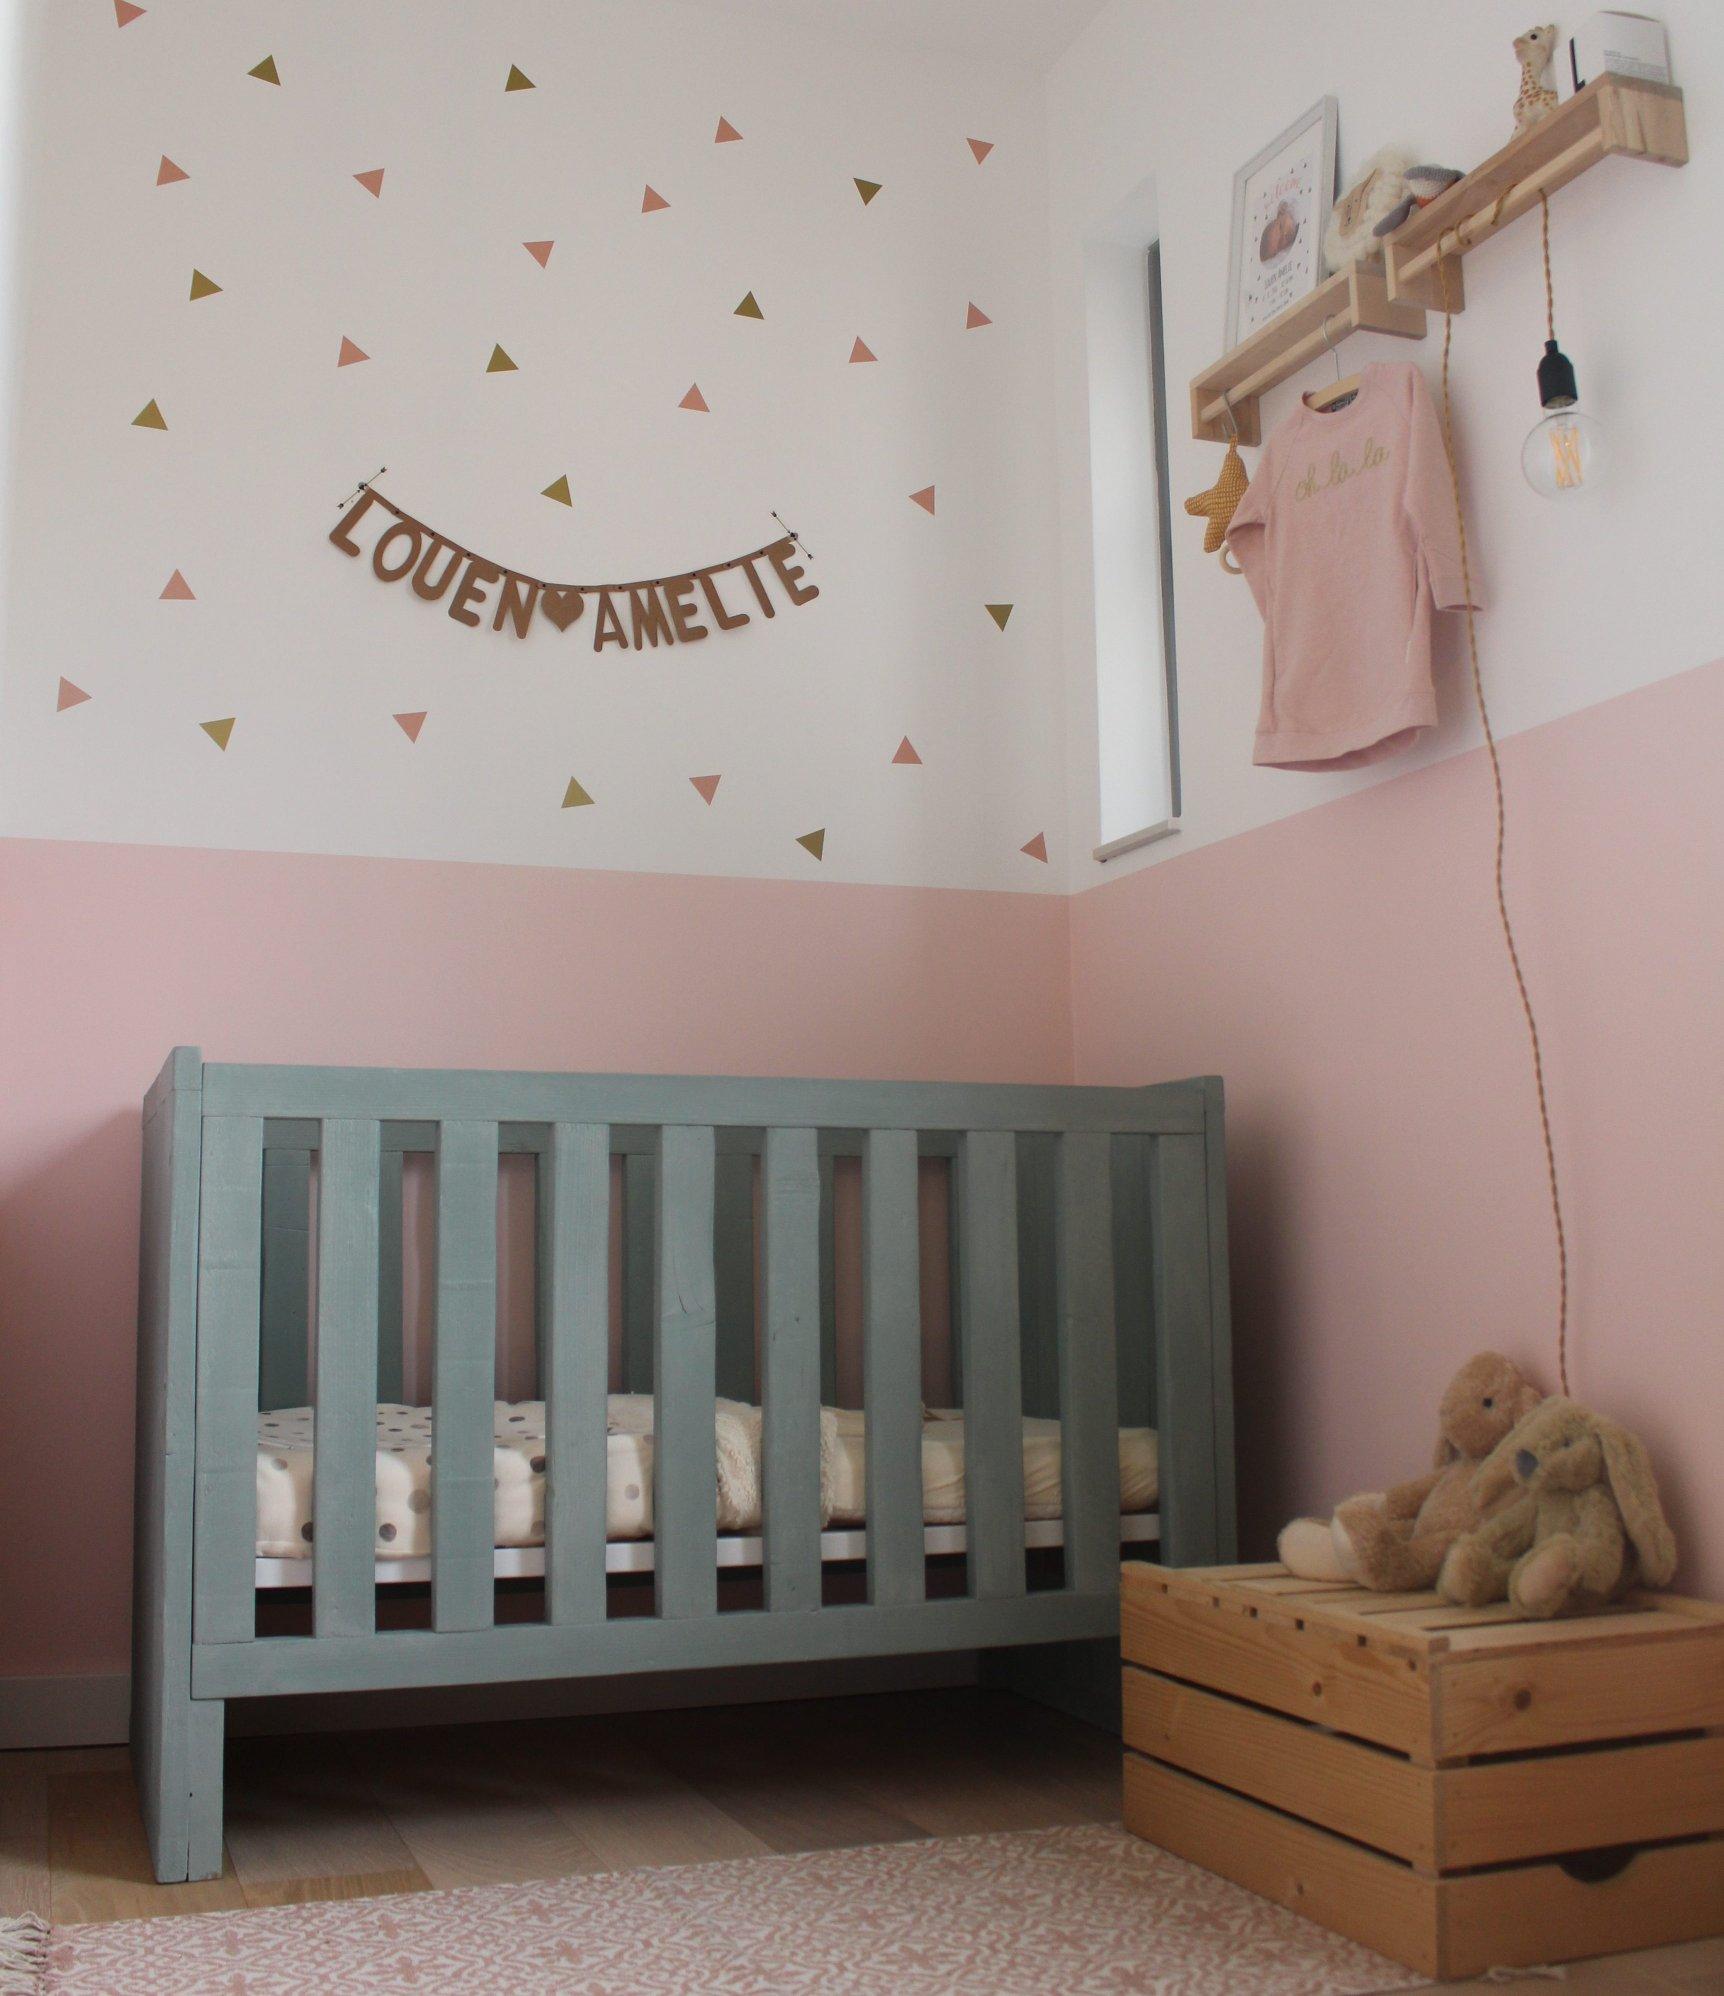 Duurzame Kinderkamer Stylist kamer Louen